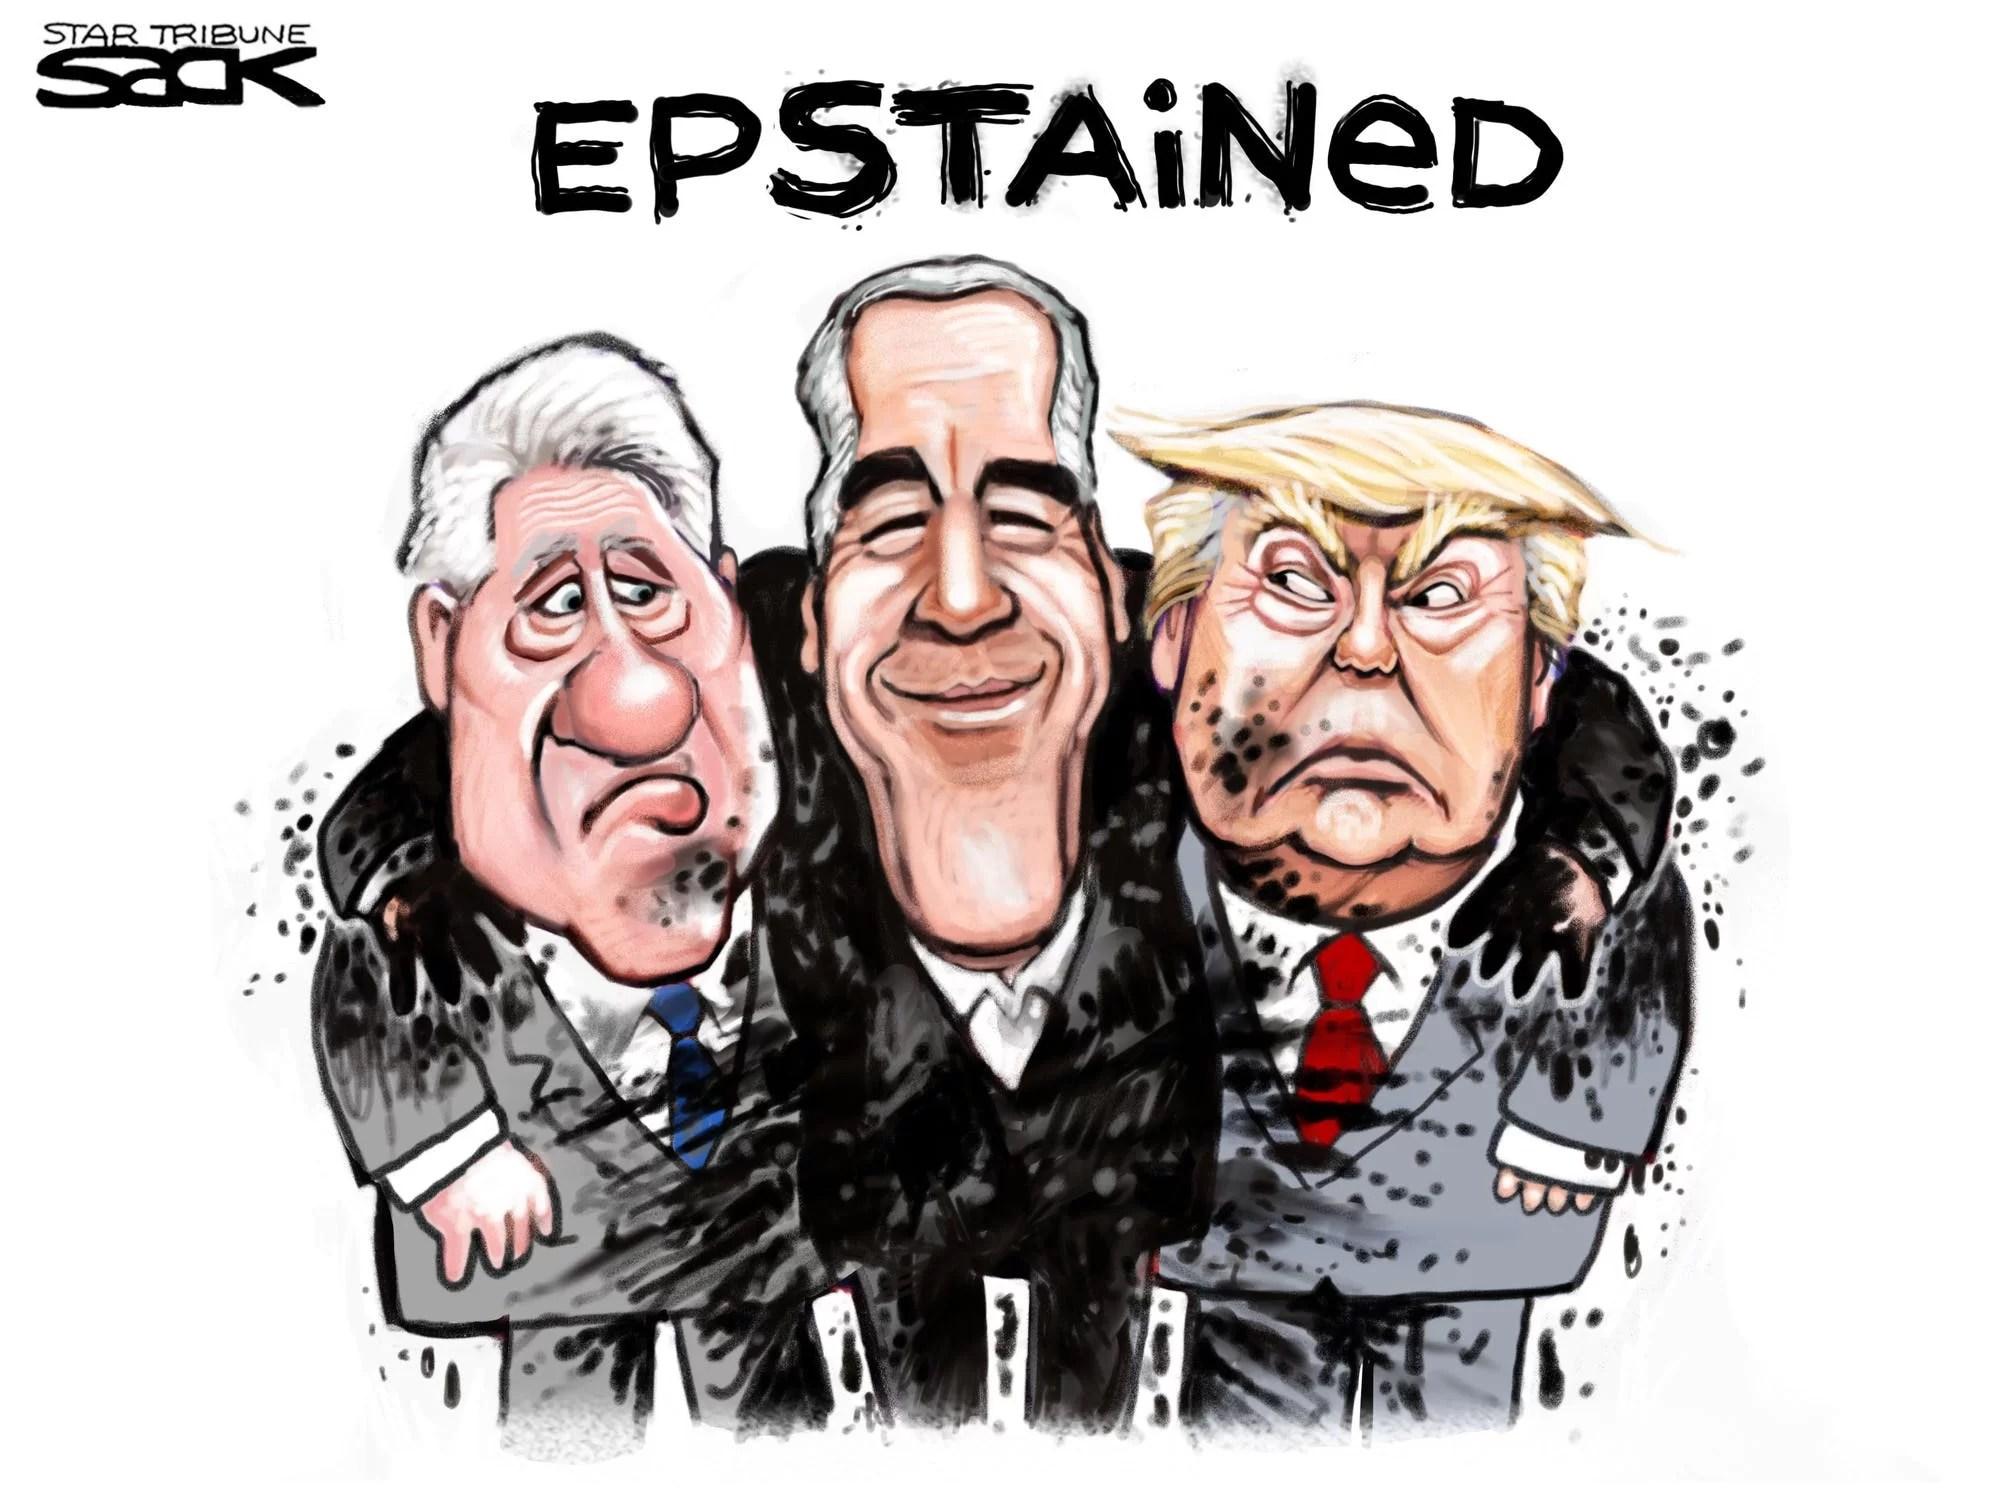 Quiénes mandaron a matar al pedófilo  Jeffrey Epstein, íntimo amigo de Trump, Bill Clinton y... de Pastrana,